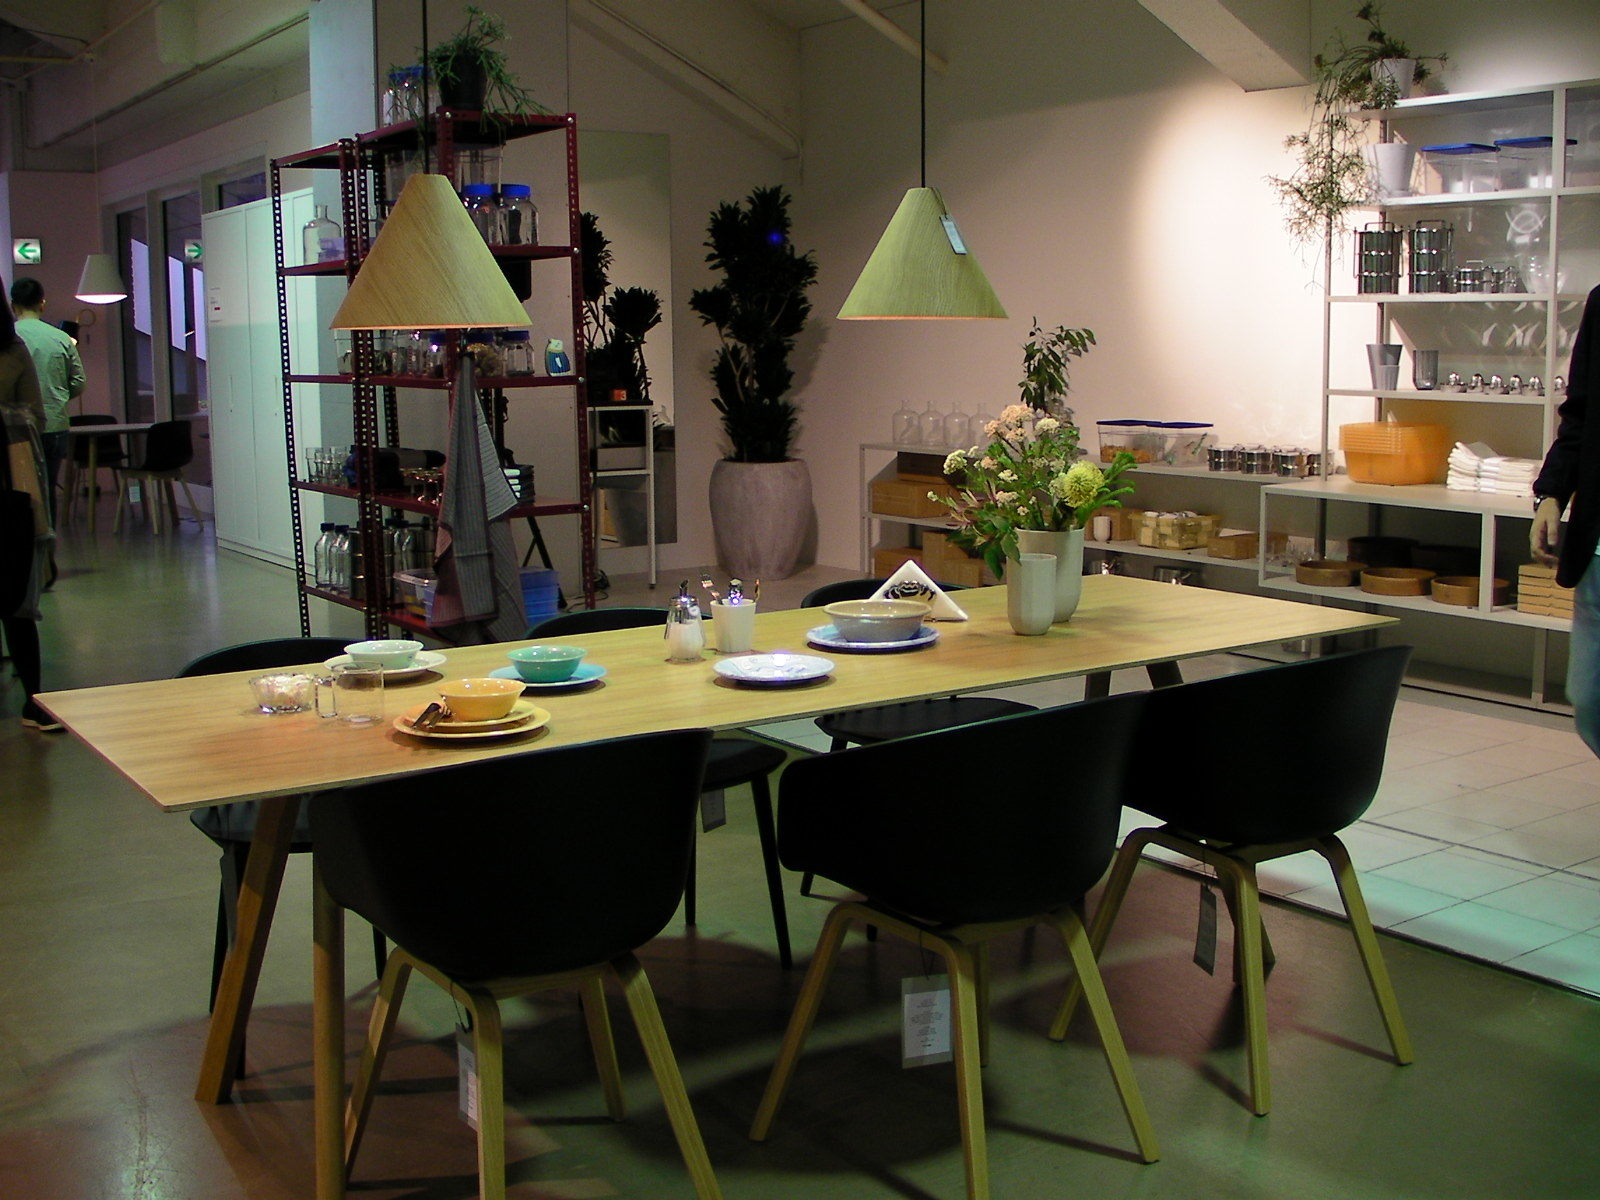 デンマークの人気インテリアブランド「HAY」。キッチングッズに焦点をあてた「HAY KITCHEN MARKET」として展開。 [map:40] @ifs未来研究所 未来研サロン WORK WORK SHOP